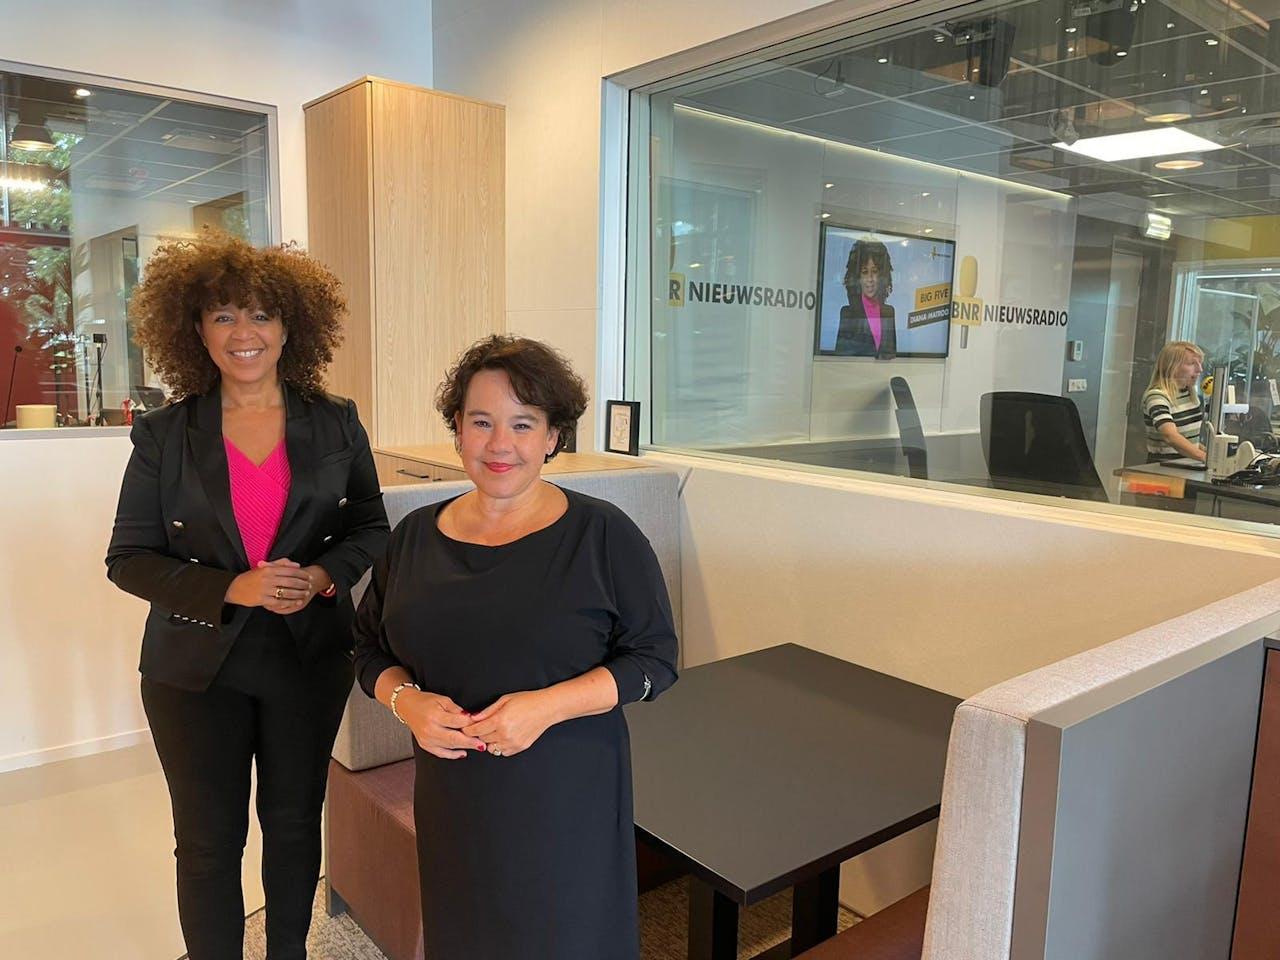 Diana Matroos en Sharon Dijksma